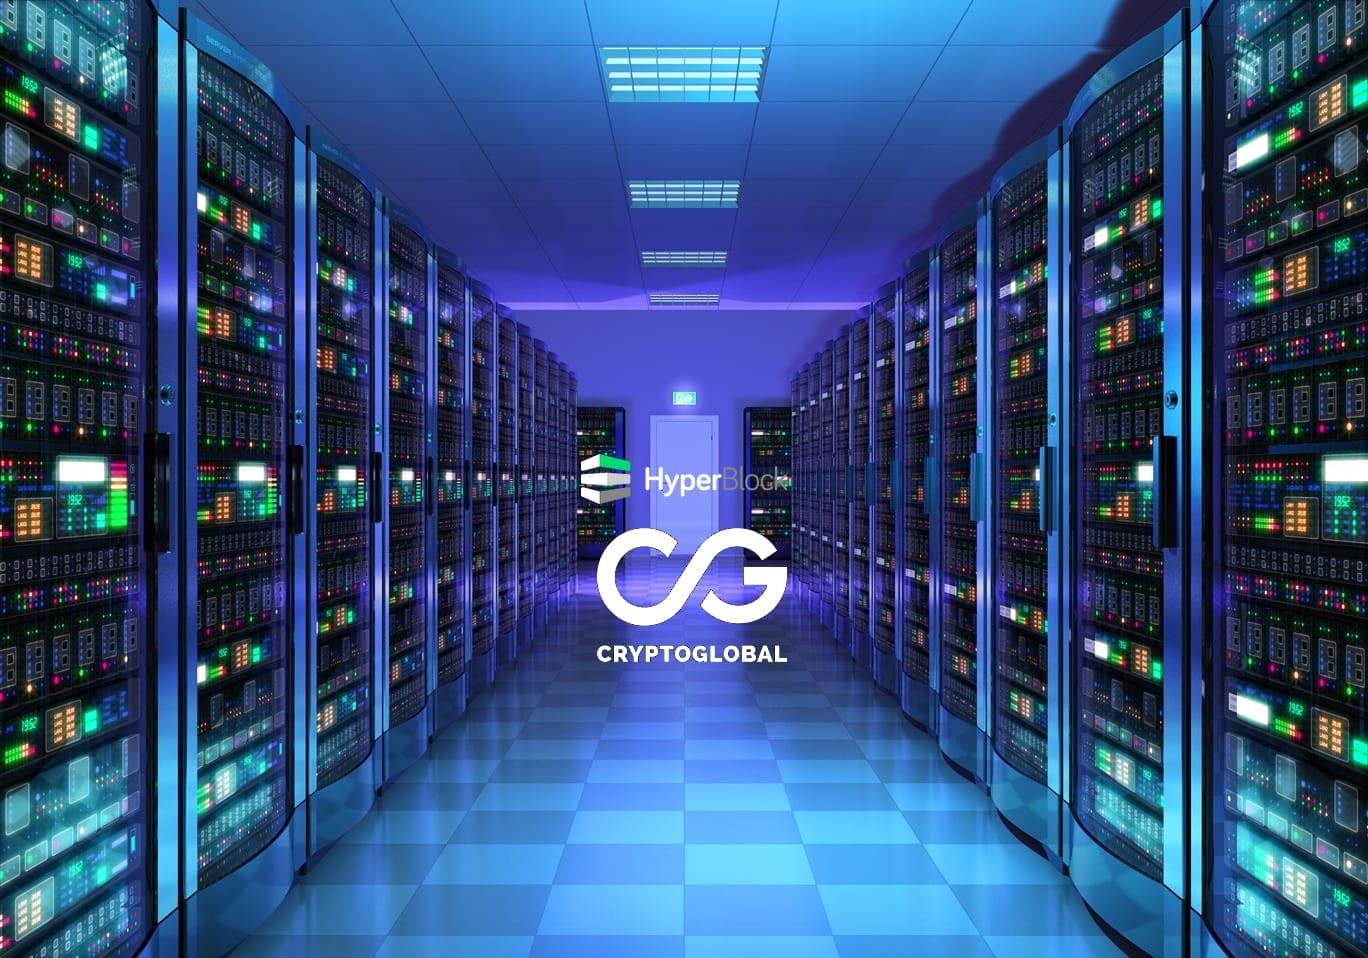 HyperBlock, une société minière canadienne spécialisée dans la cypto-monnaie, a conclu l'acquisition de CryptoGlobal, une société dont le siège est similaire et vient tout juste de commencer ses opérations à la Bourse canadienne des valeurs mobilières (CS